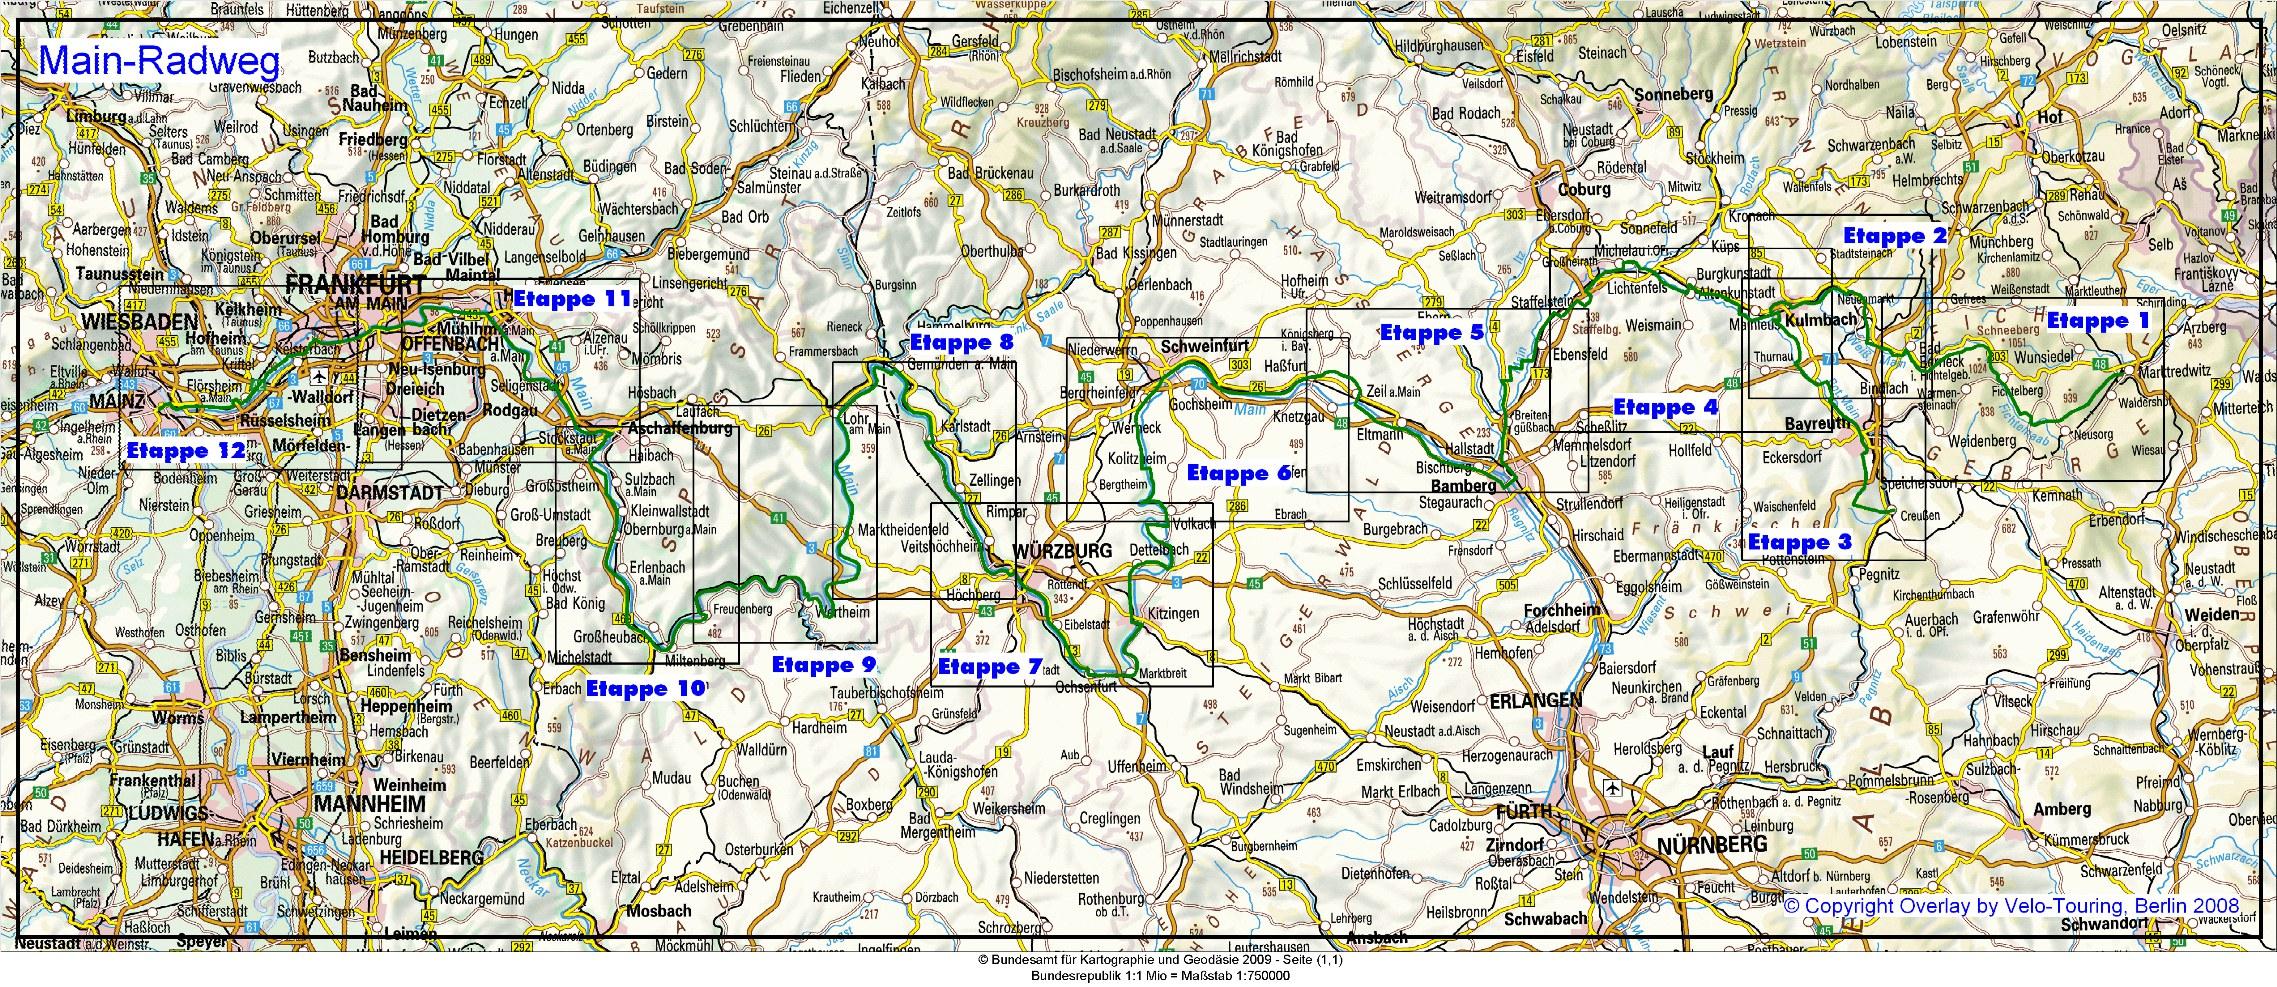 Main Fluss Karte.Velo Touring Reiseführer Main Radweg